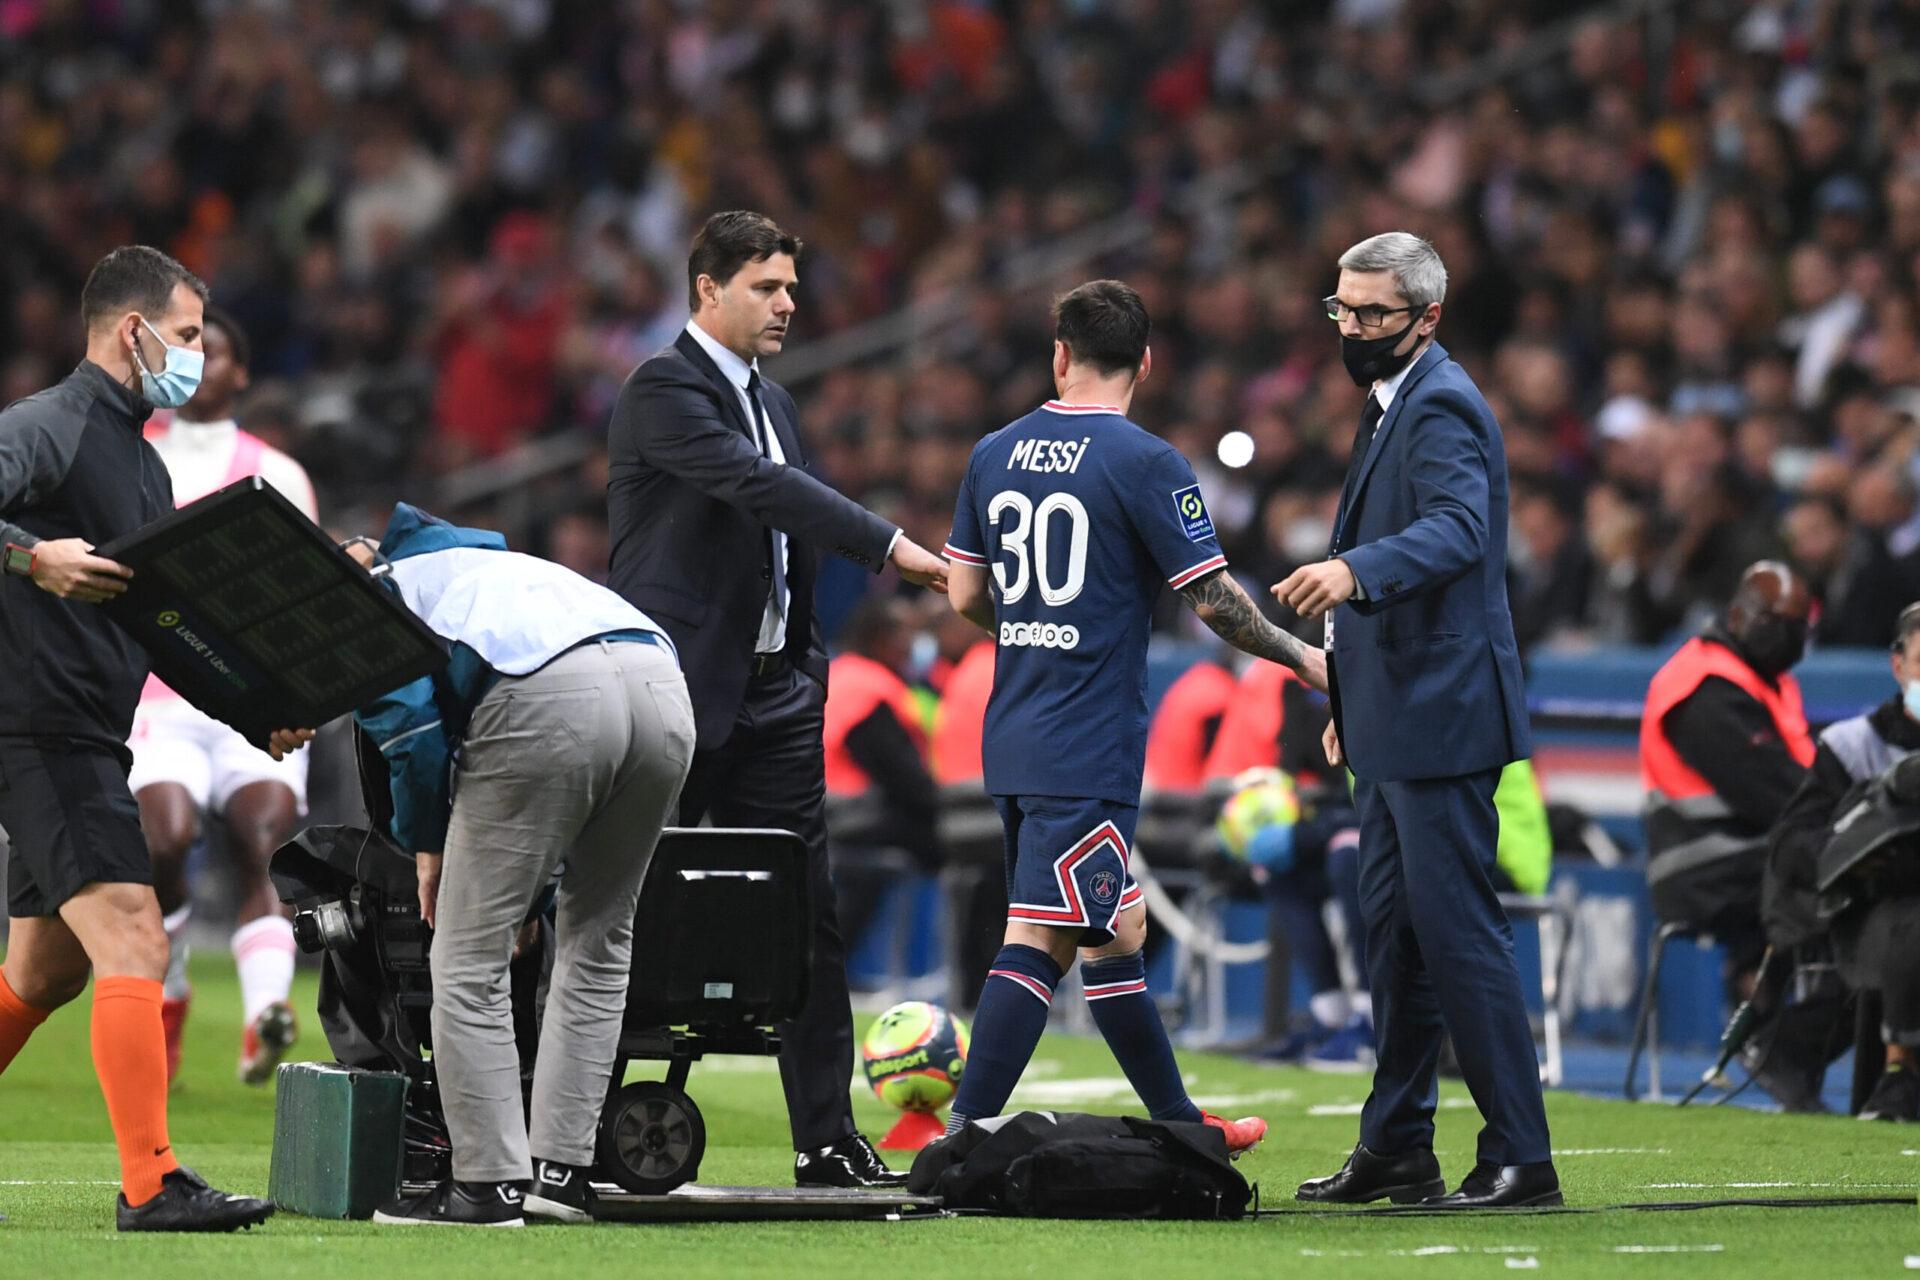 Lionel Messi, blessé au genou, pourrait faire son grand retour dans le groupe du PSG pour affronter Manchester City. Icon Sport